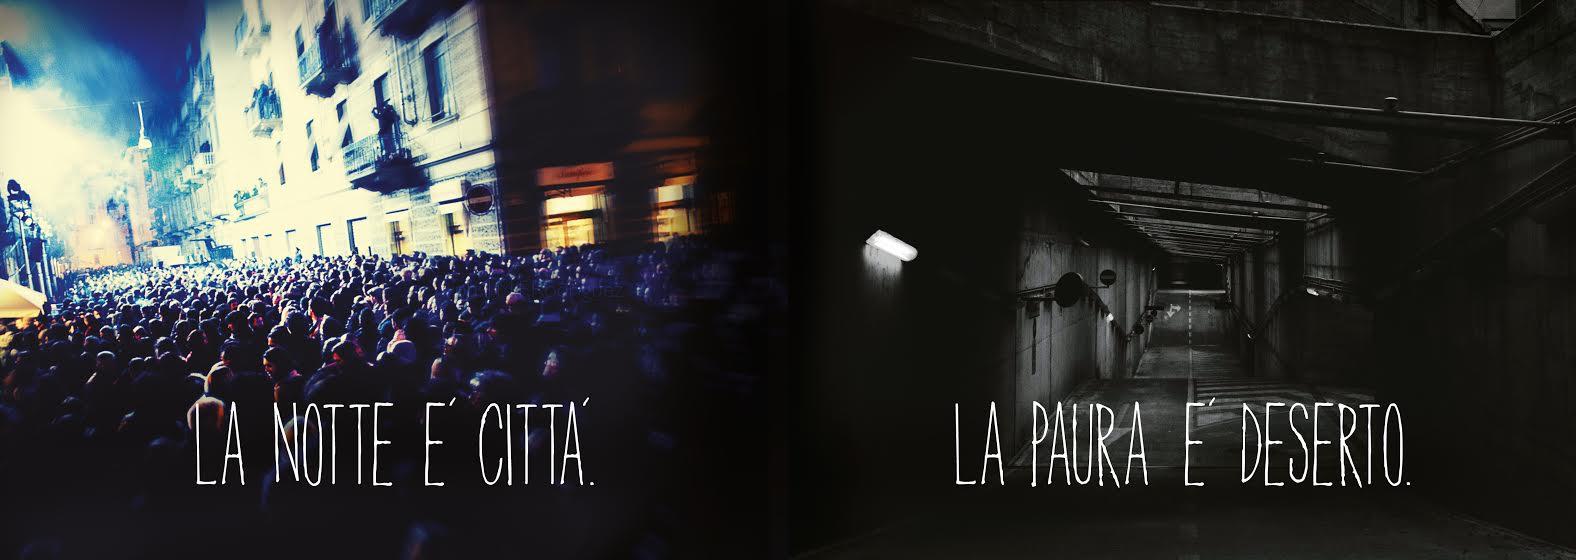 la notte è città, la paura è deserto